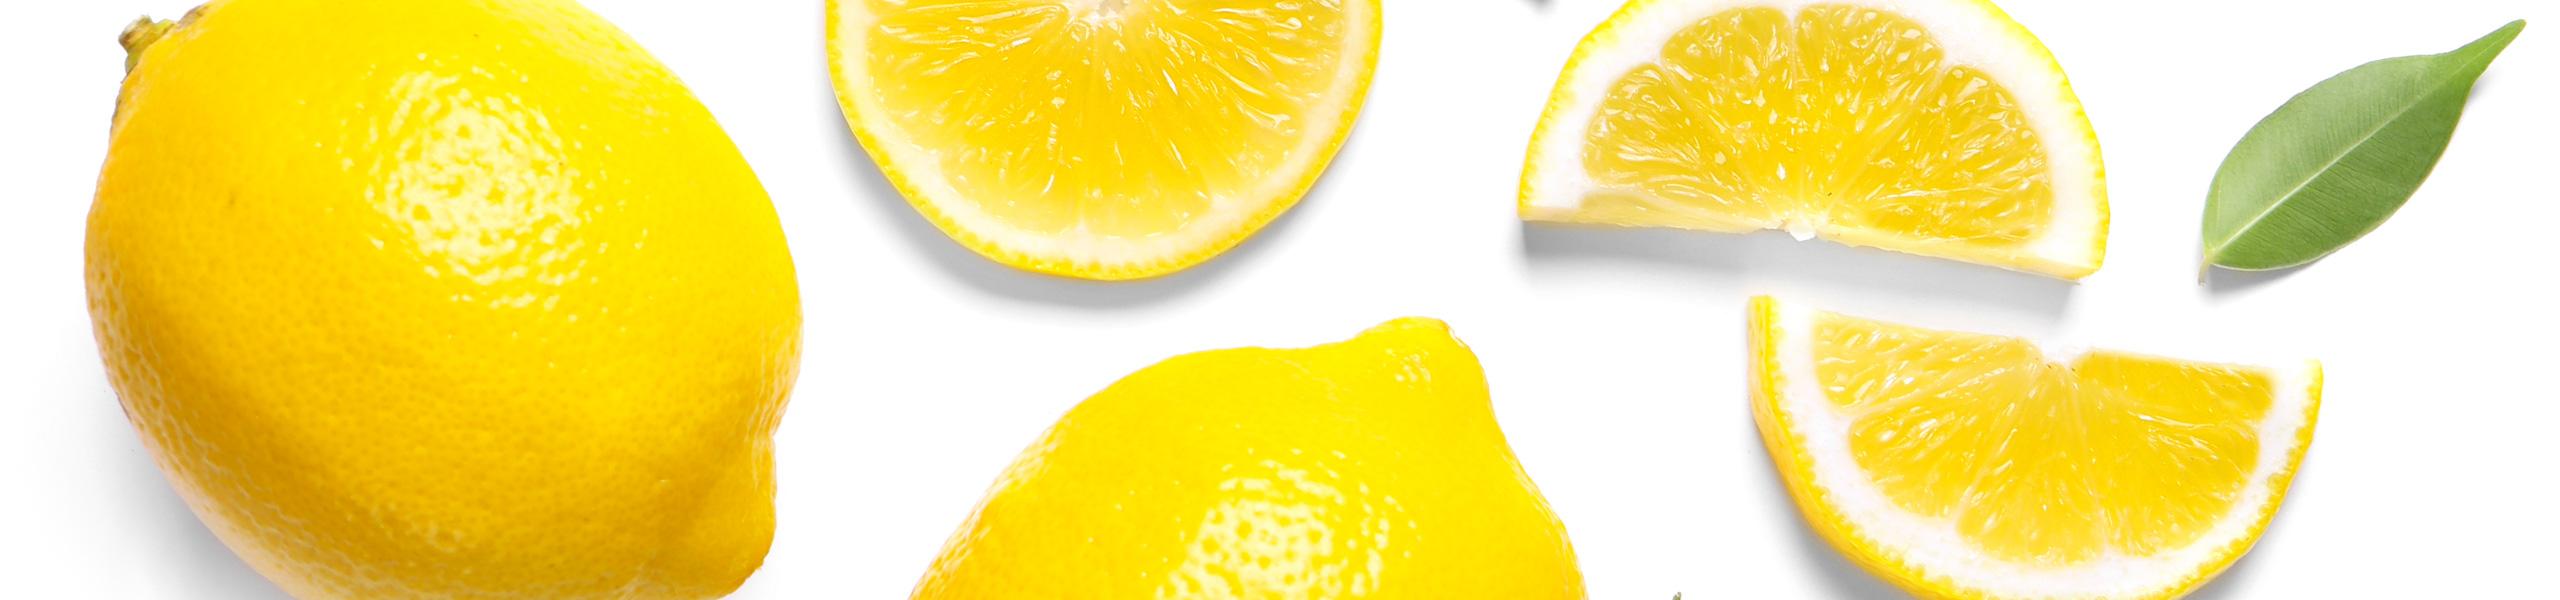 Preparato per tè al limone